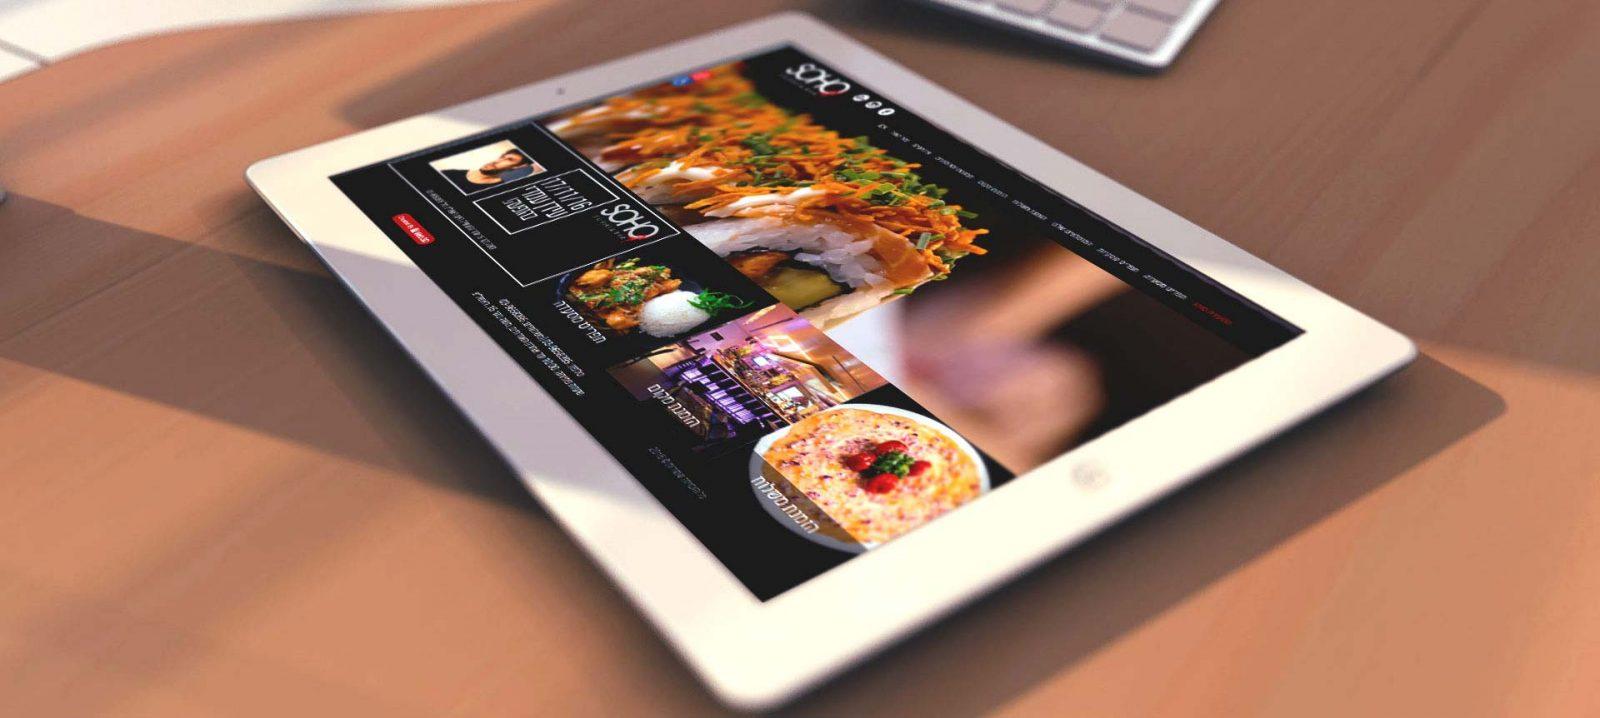 פרויקט עיצוב ופיתוח אתר אינטרנט: מסעדת SOHO